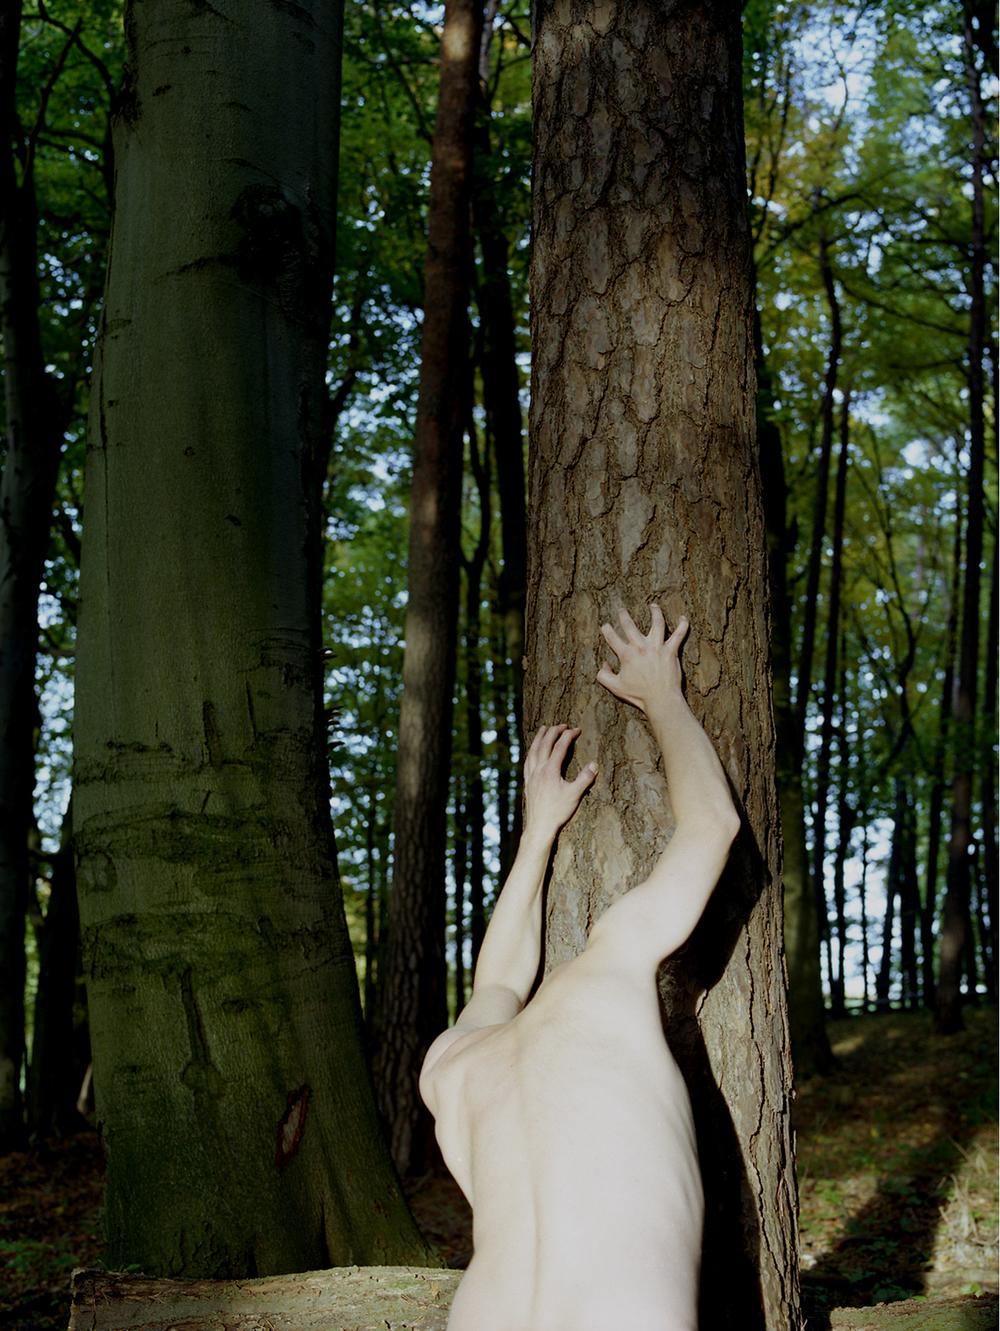 Metamorphosis 1, Der Baummensch, 2012